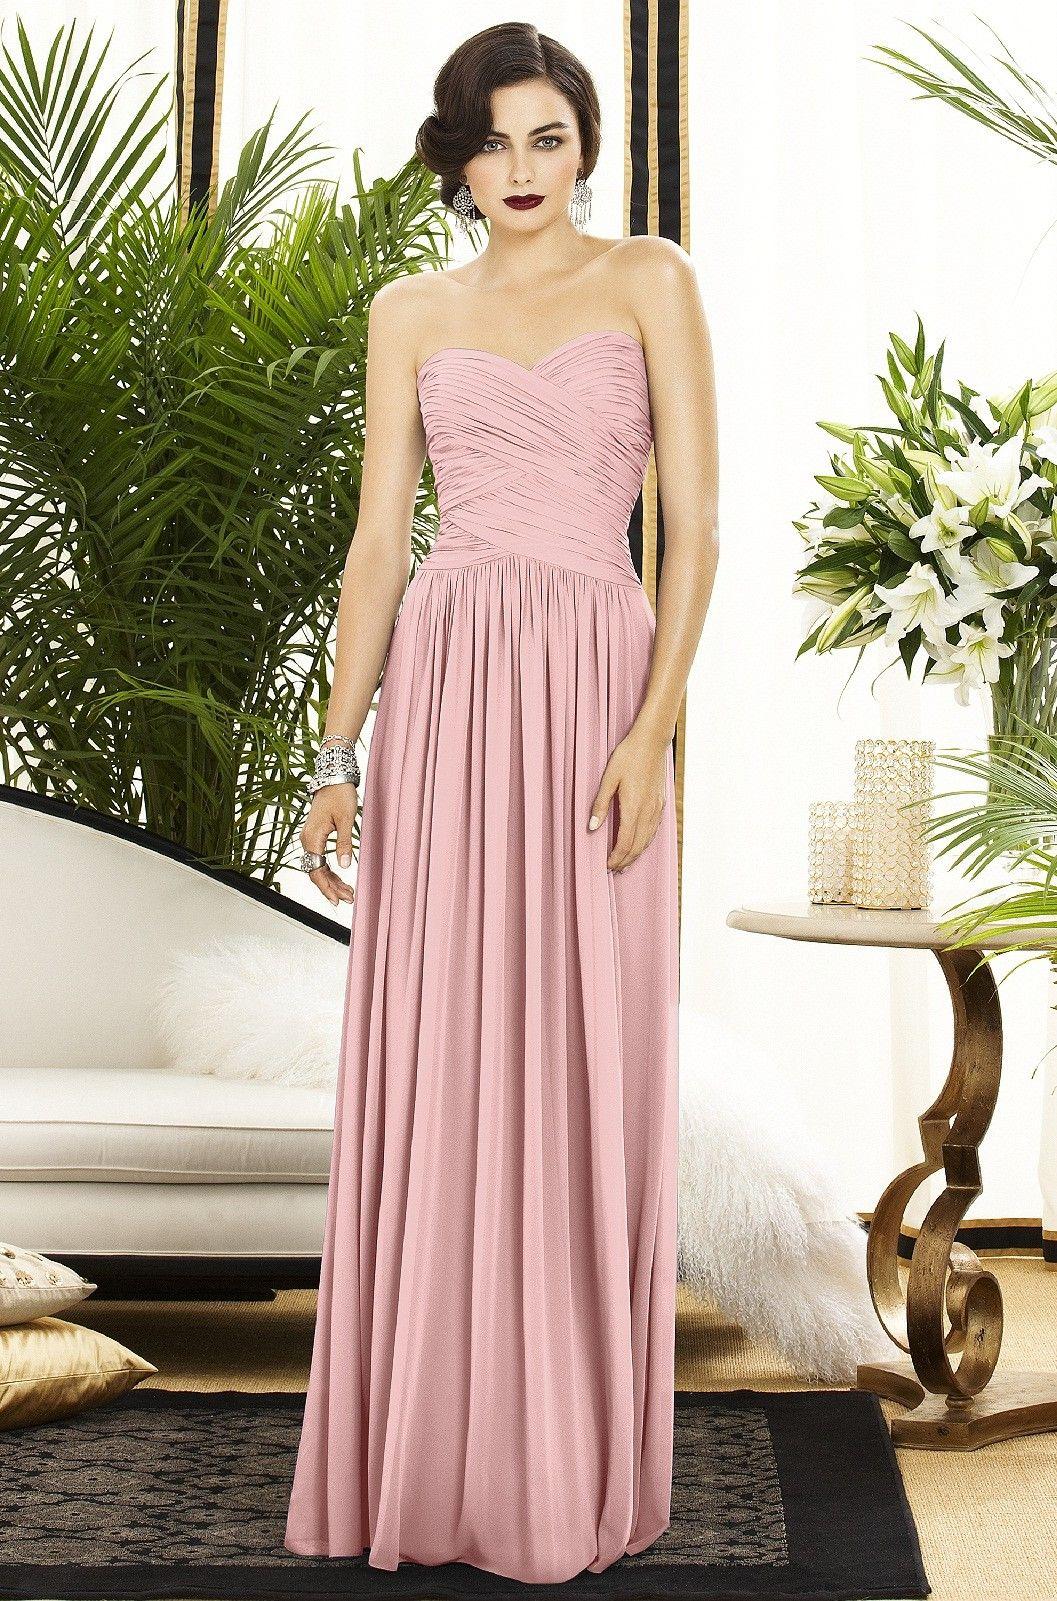 Dessy 2880 Bridesmaid Dress | Weddington Way Color - Rose Fabric ...